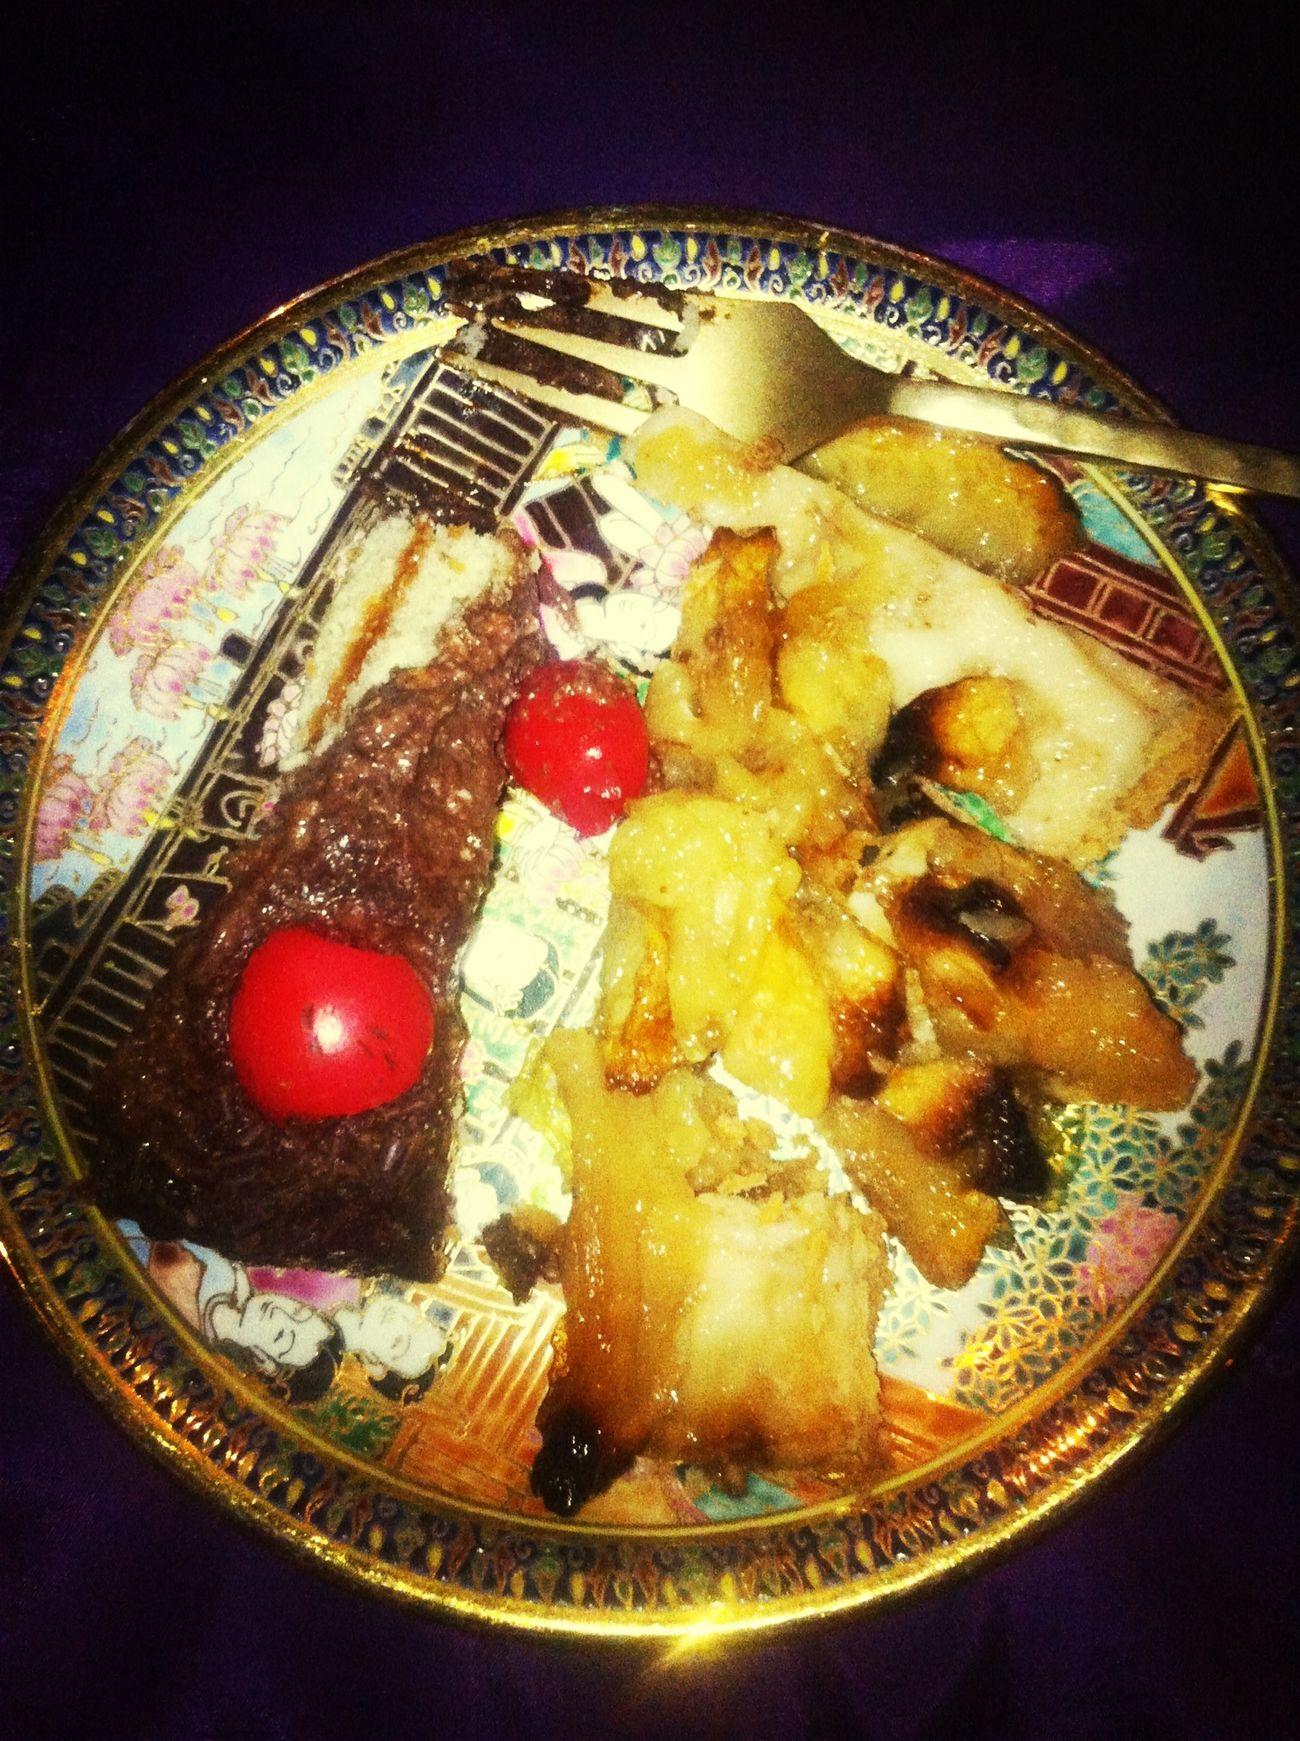 Gateaux Chocolate Tarte Aux Pommes Délicieux